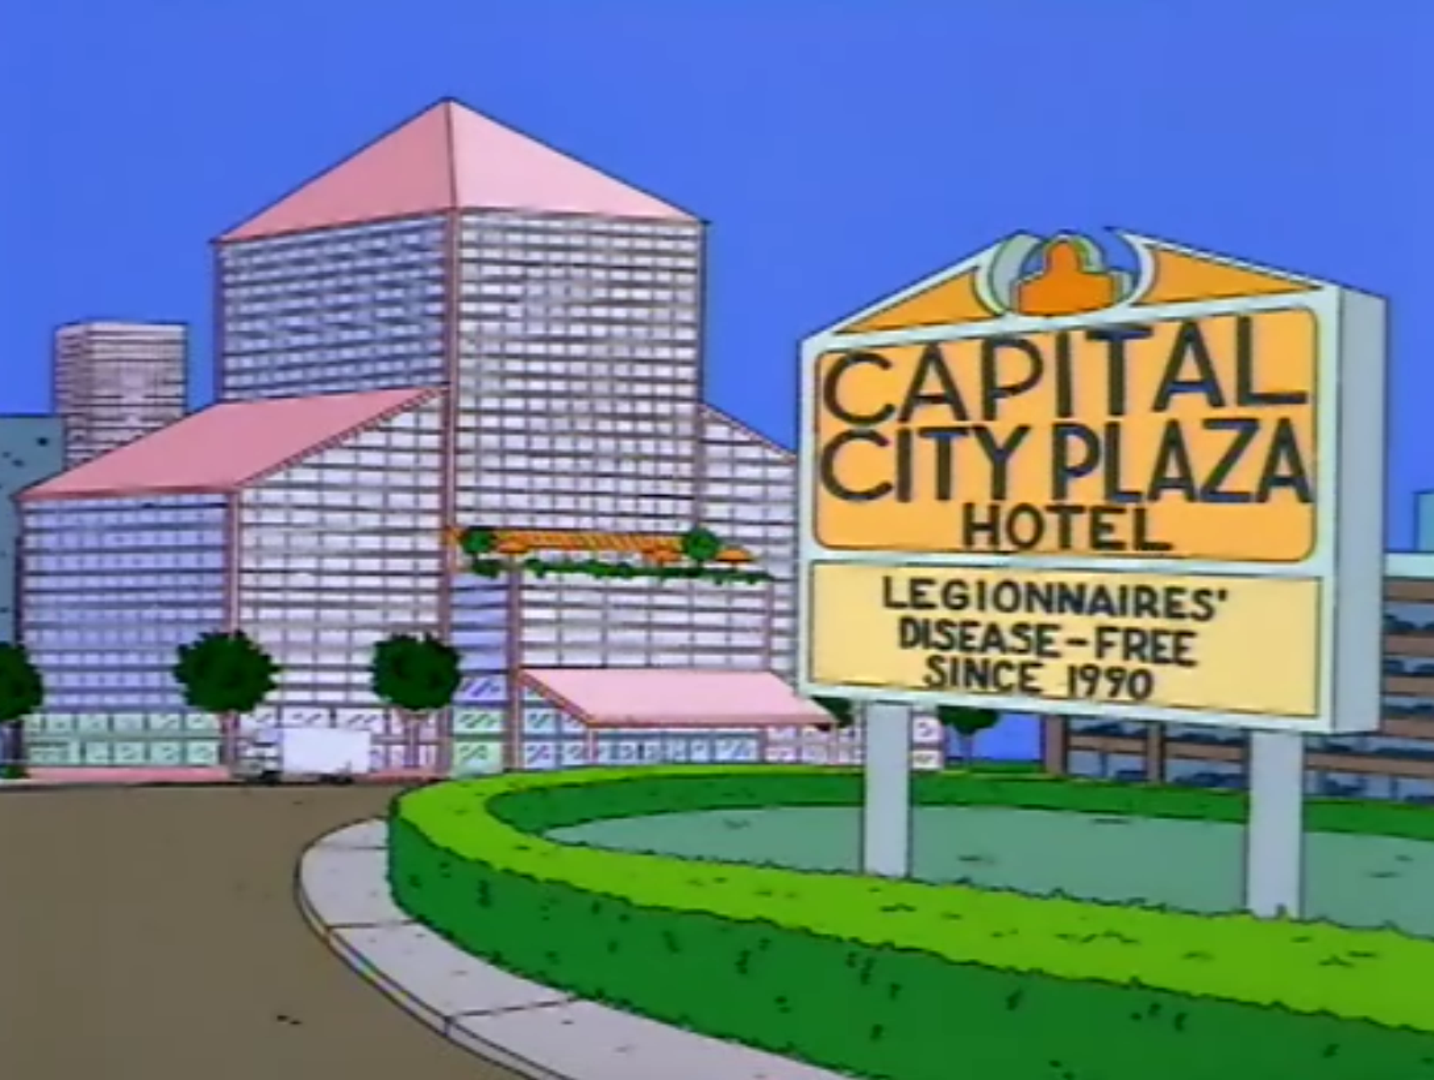 Capital City Plaza Hotel